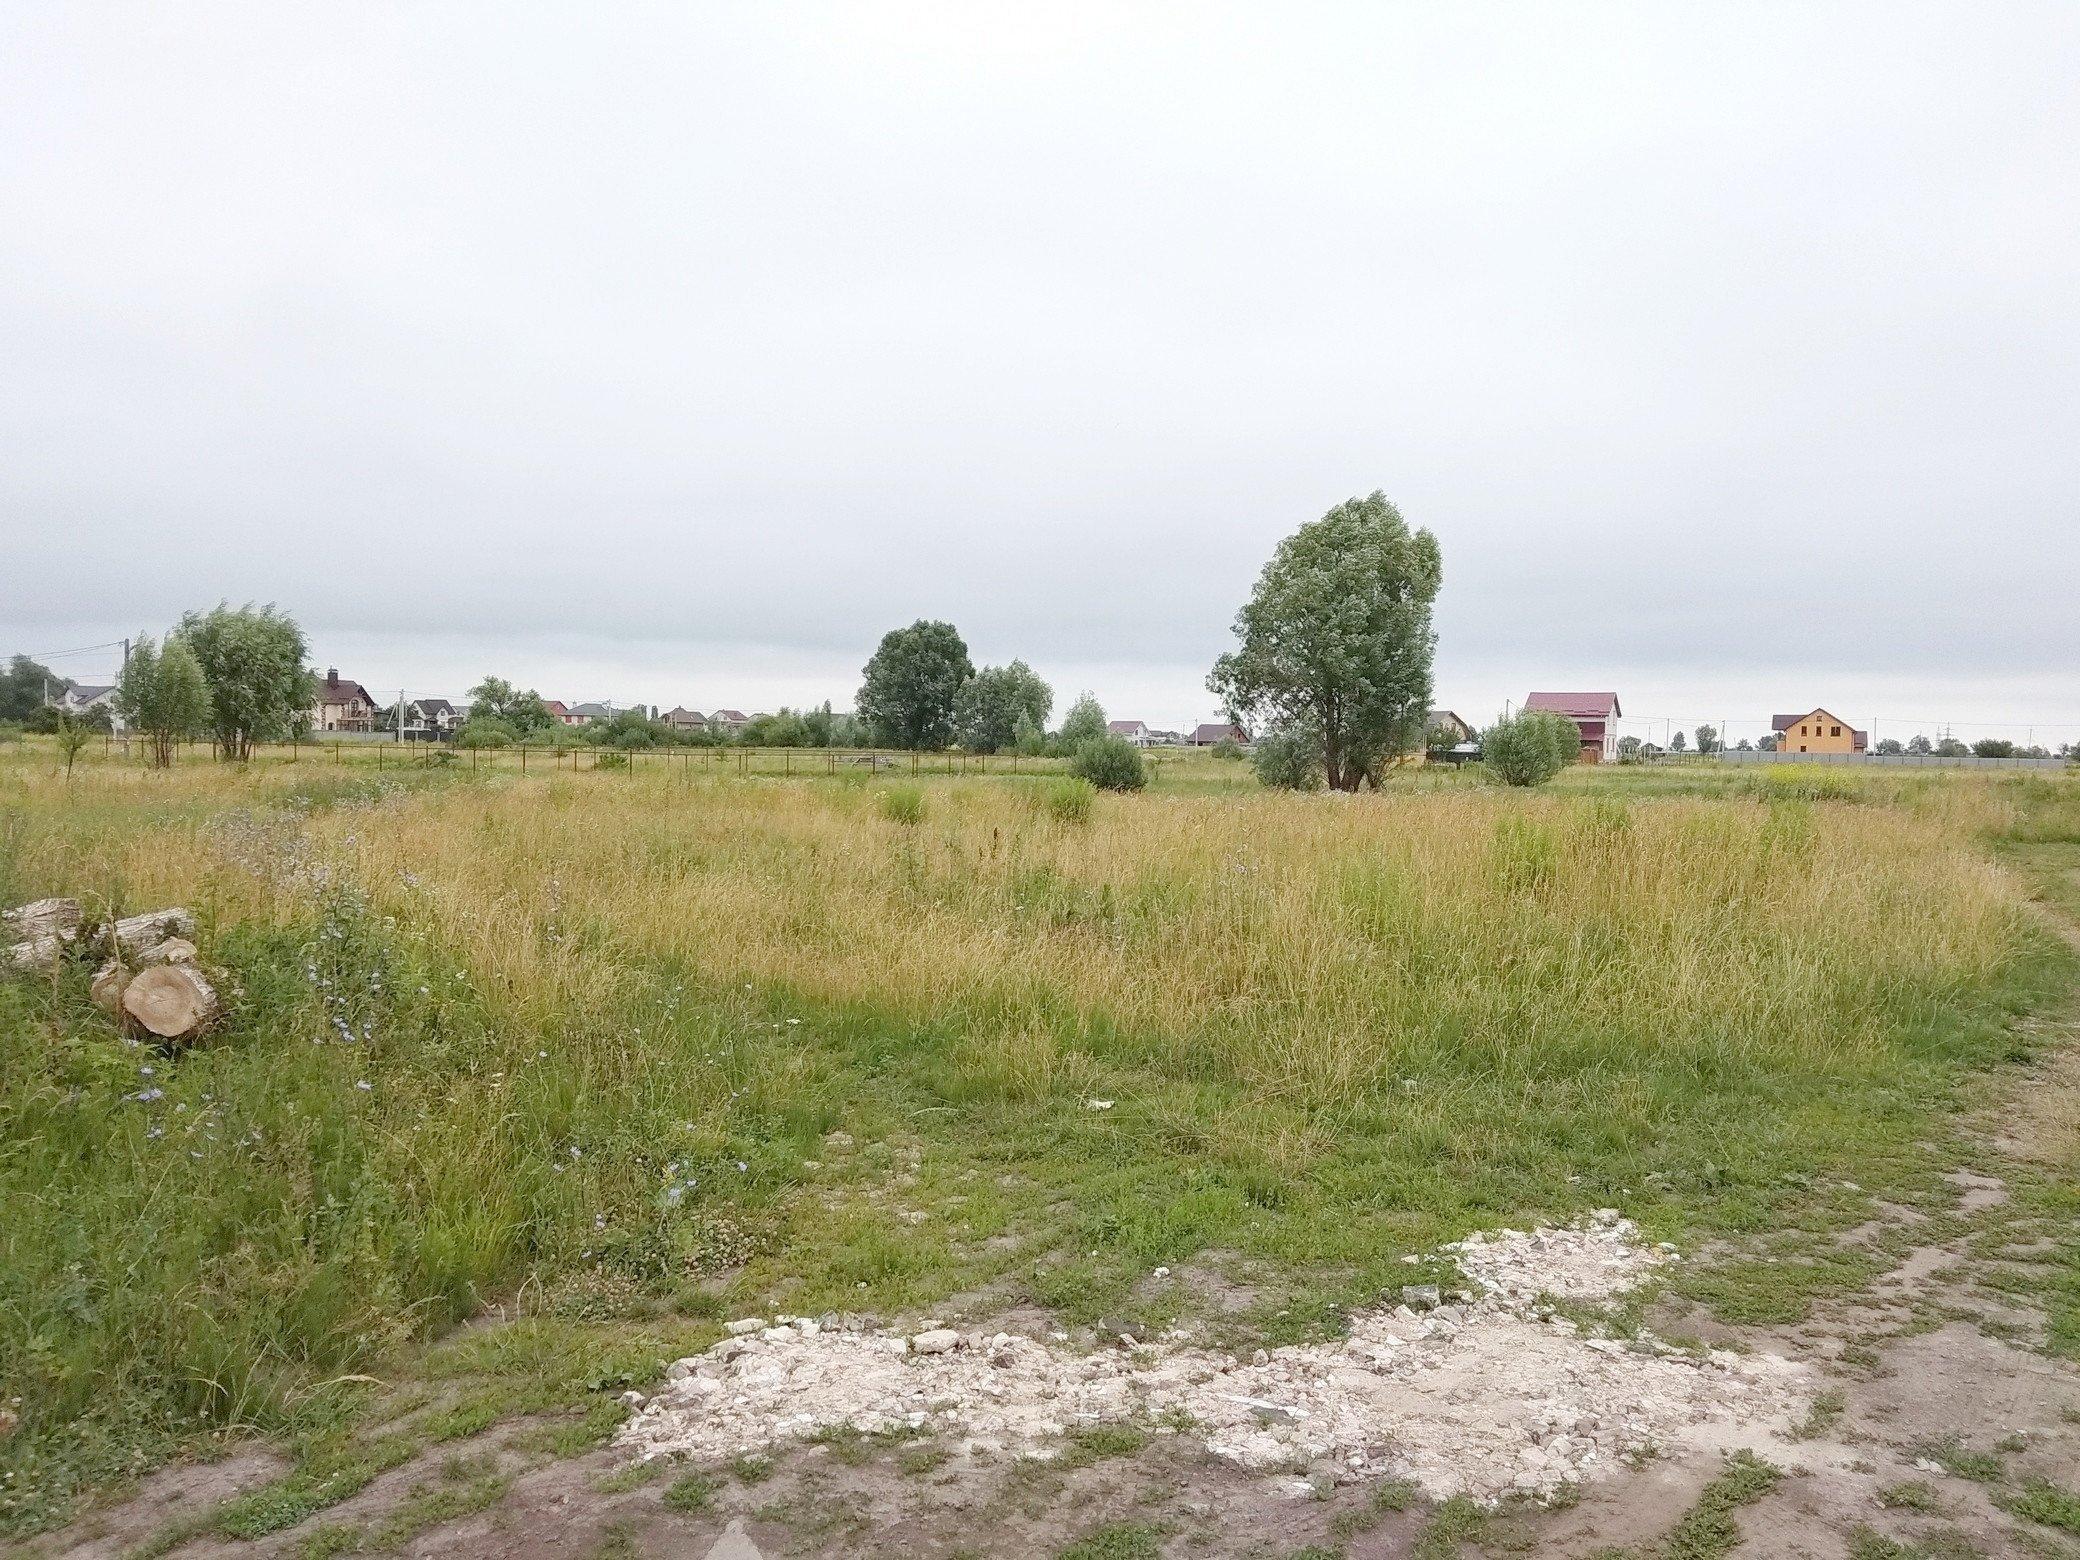 Фото: Продам земельный участок в городе Борисполь. Объявление № 5969